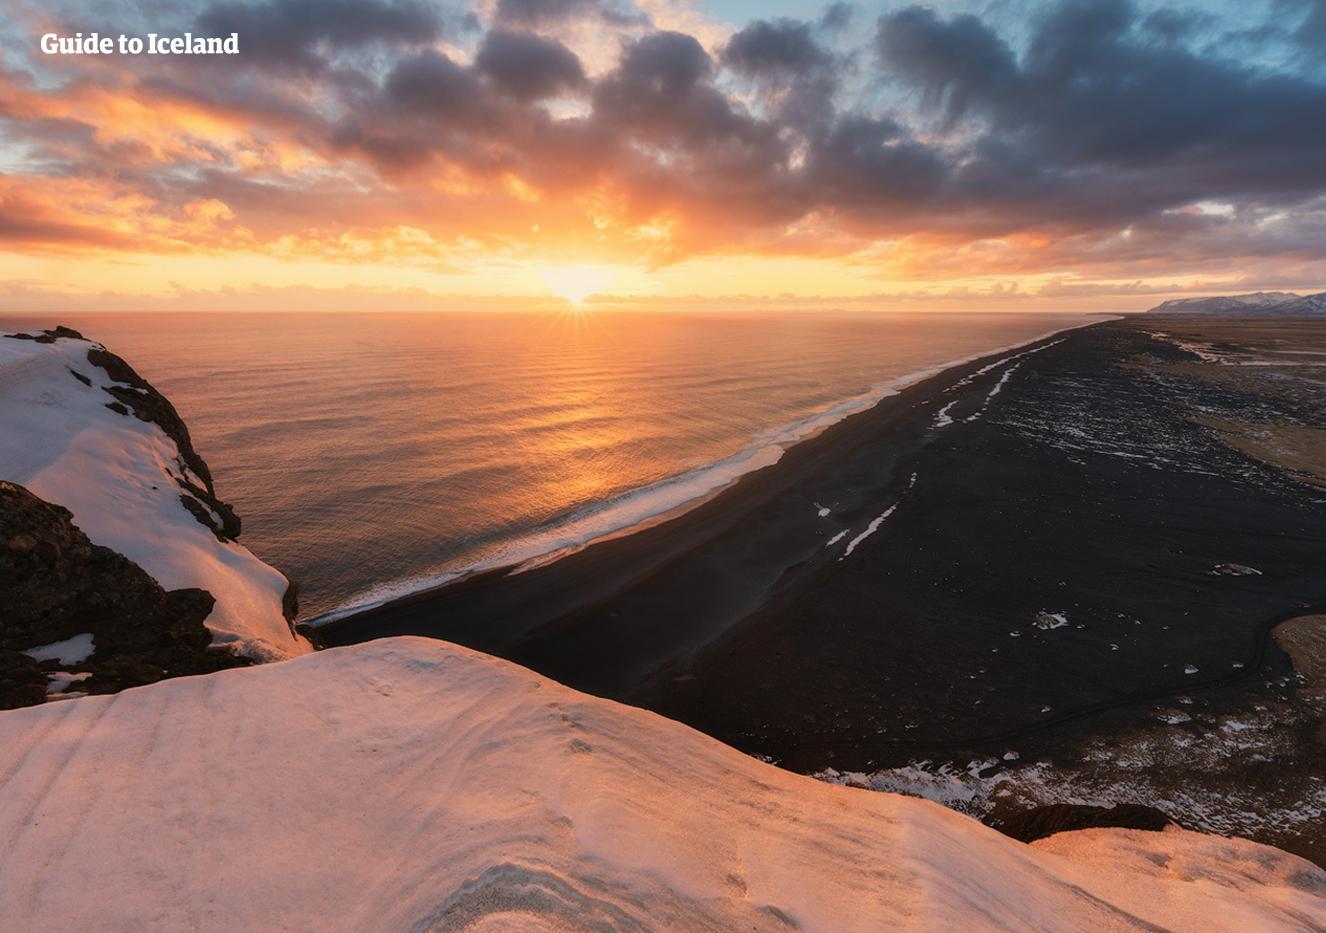 Das winterliche Farbenspiel an der Südküste mit einem roten Abendhimmel über zartem, weißem Schnee auf dem schwarzen Sandstrand Reynisfjara.